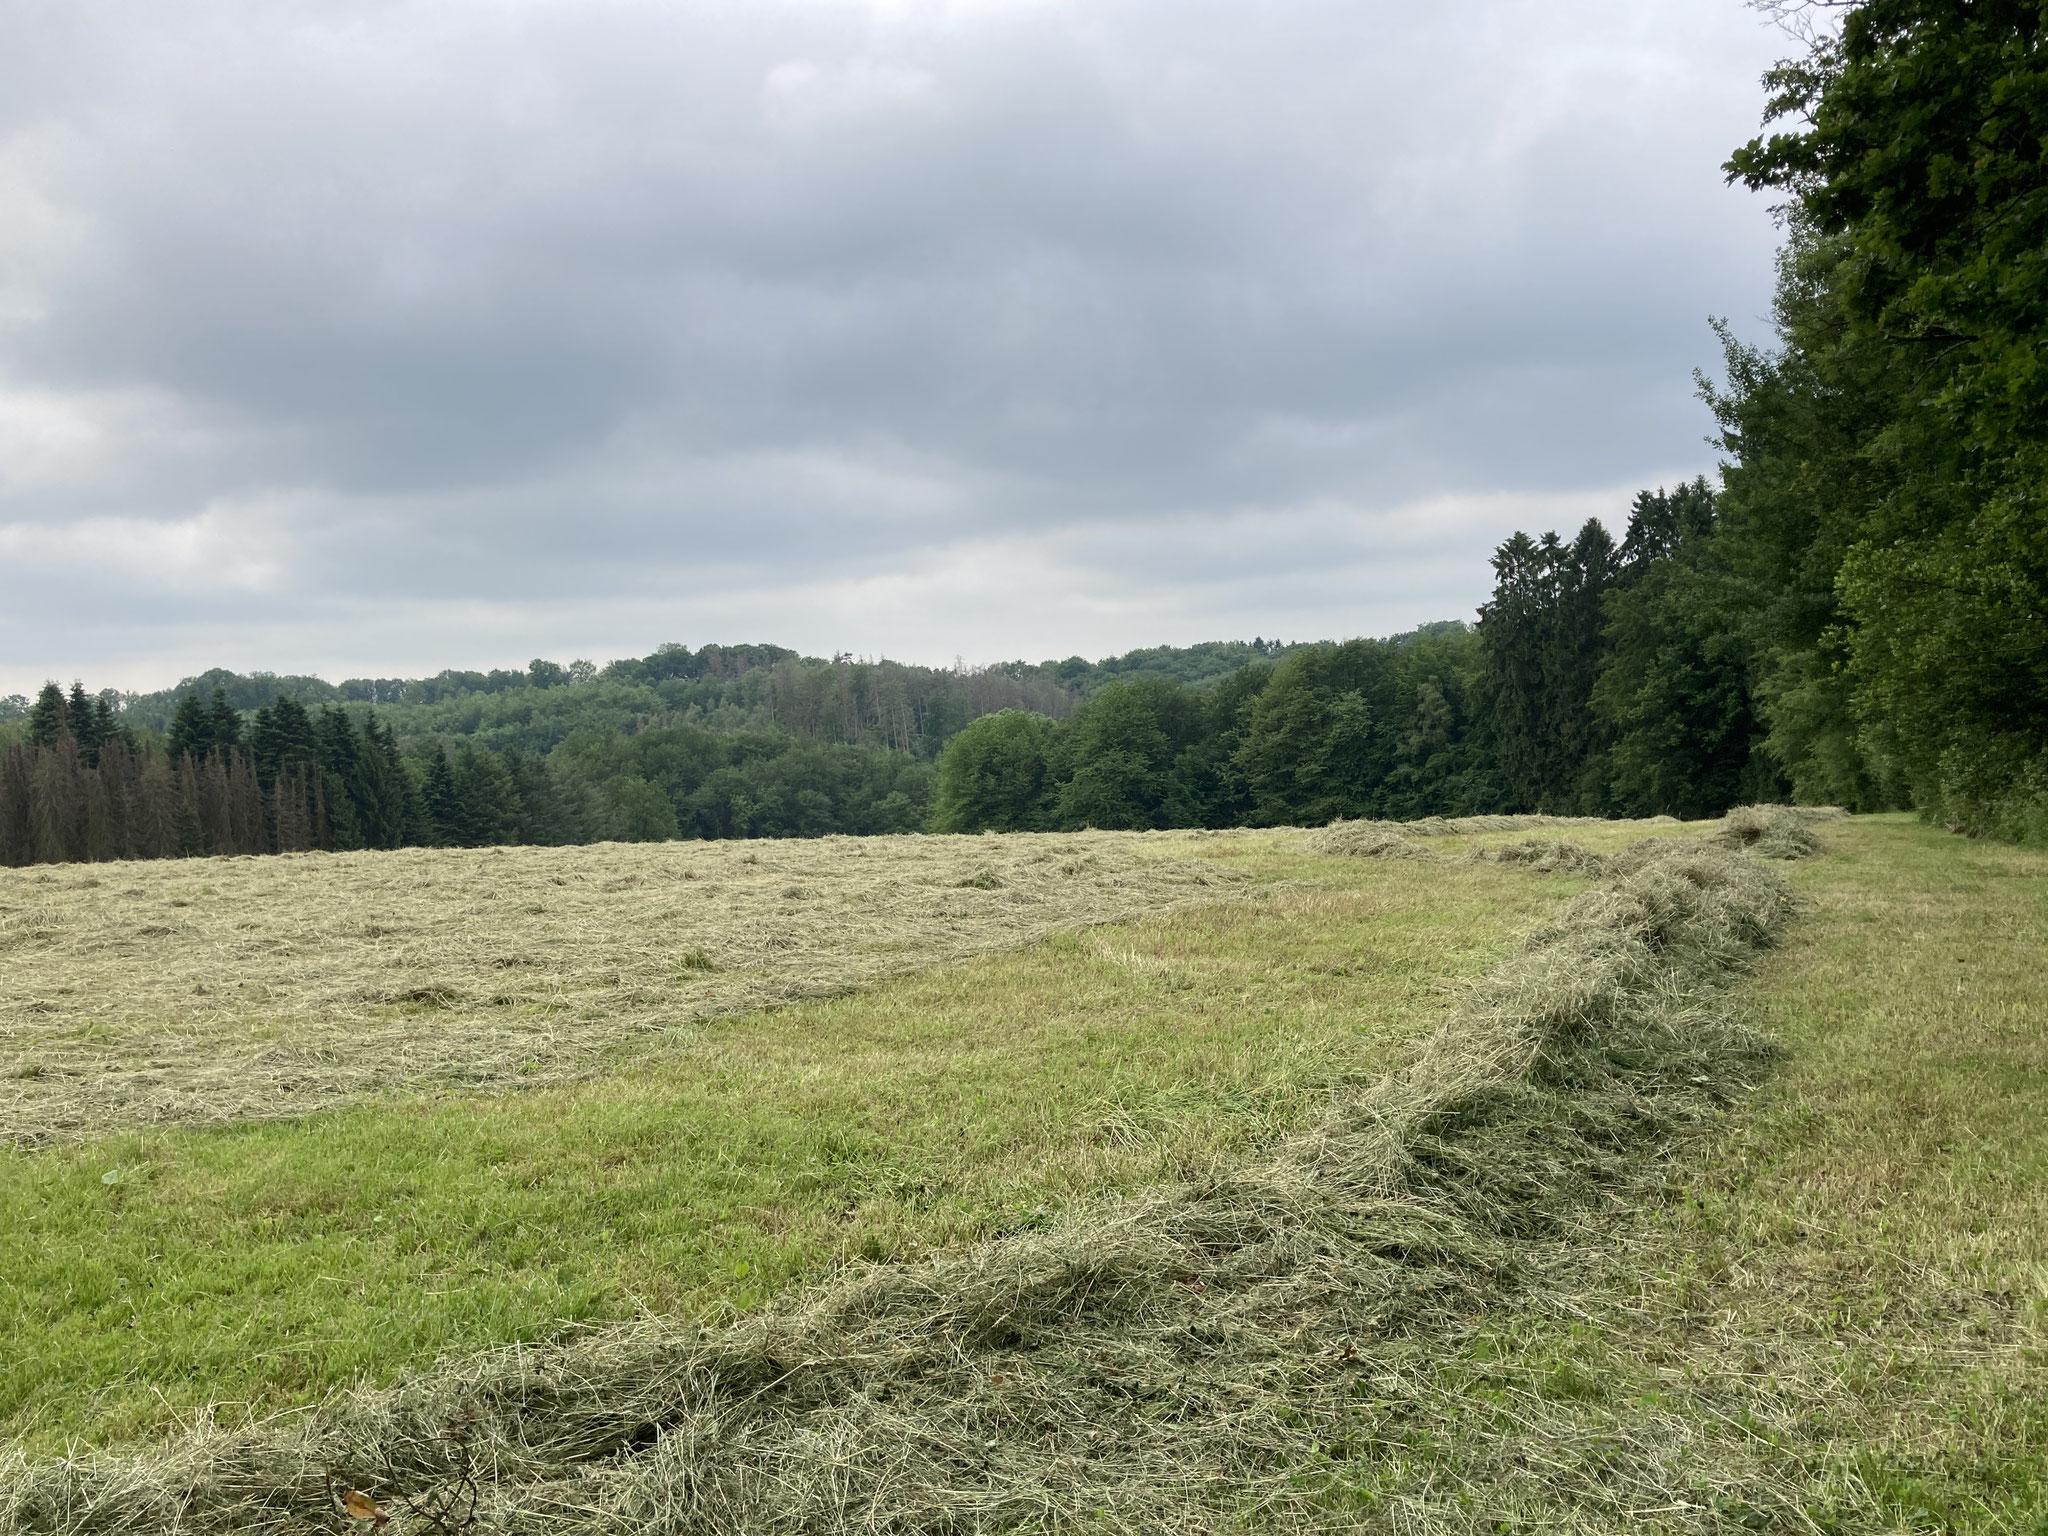 """Gut zu erkennen: das Gras bleibt zum Trocknen breit ausgebreitet liegen. Vorne am Bildrand ist ein """"Schwad"""" zu erkennen, da liegen die Grashalme auf einem ganz langgezogenen Haufen."""